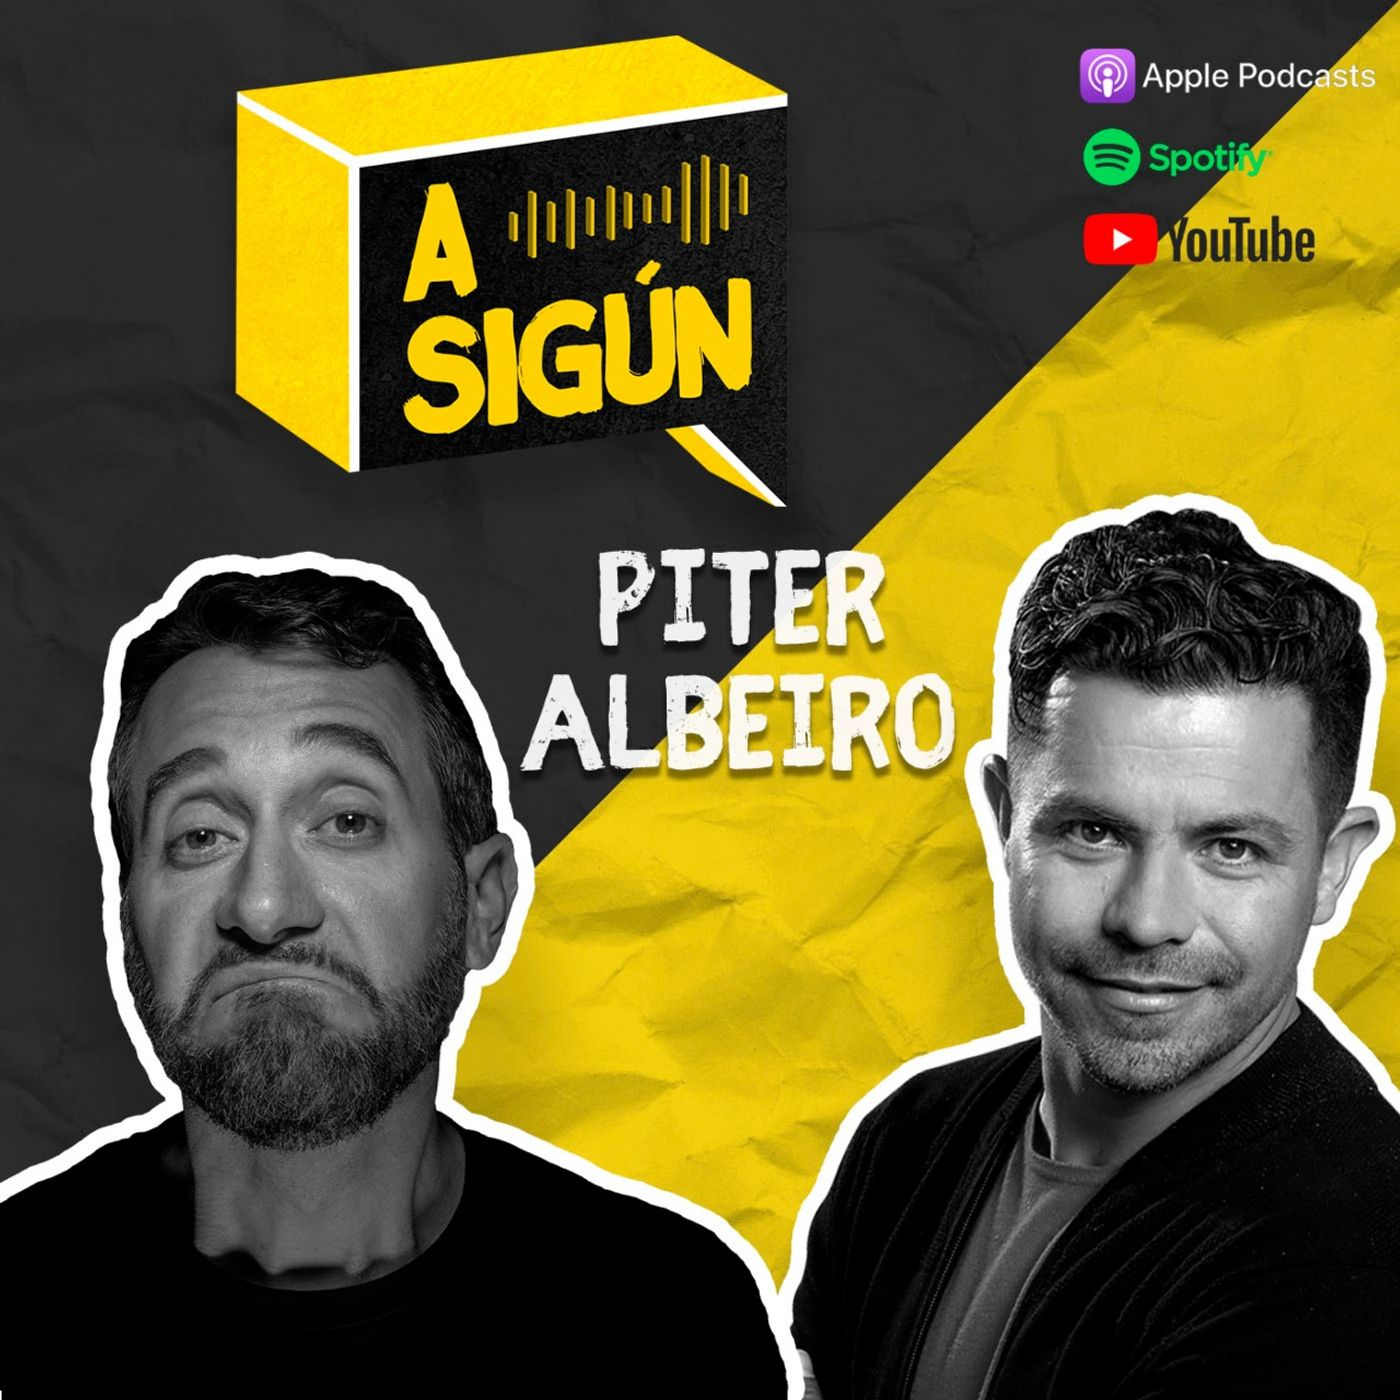 014. A SIGÚN: Piter Albeiro